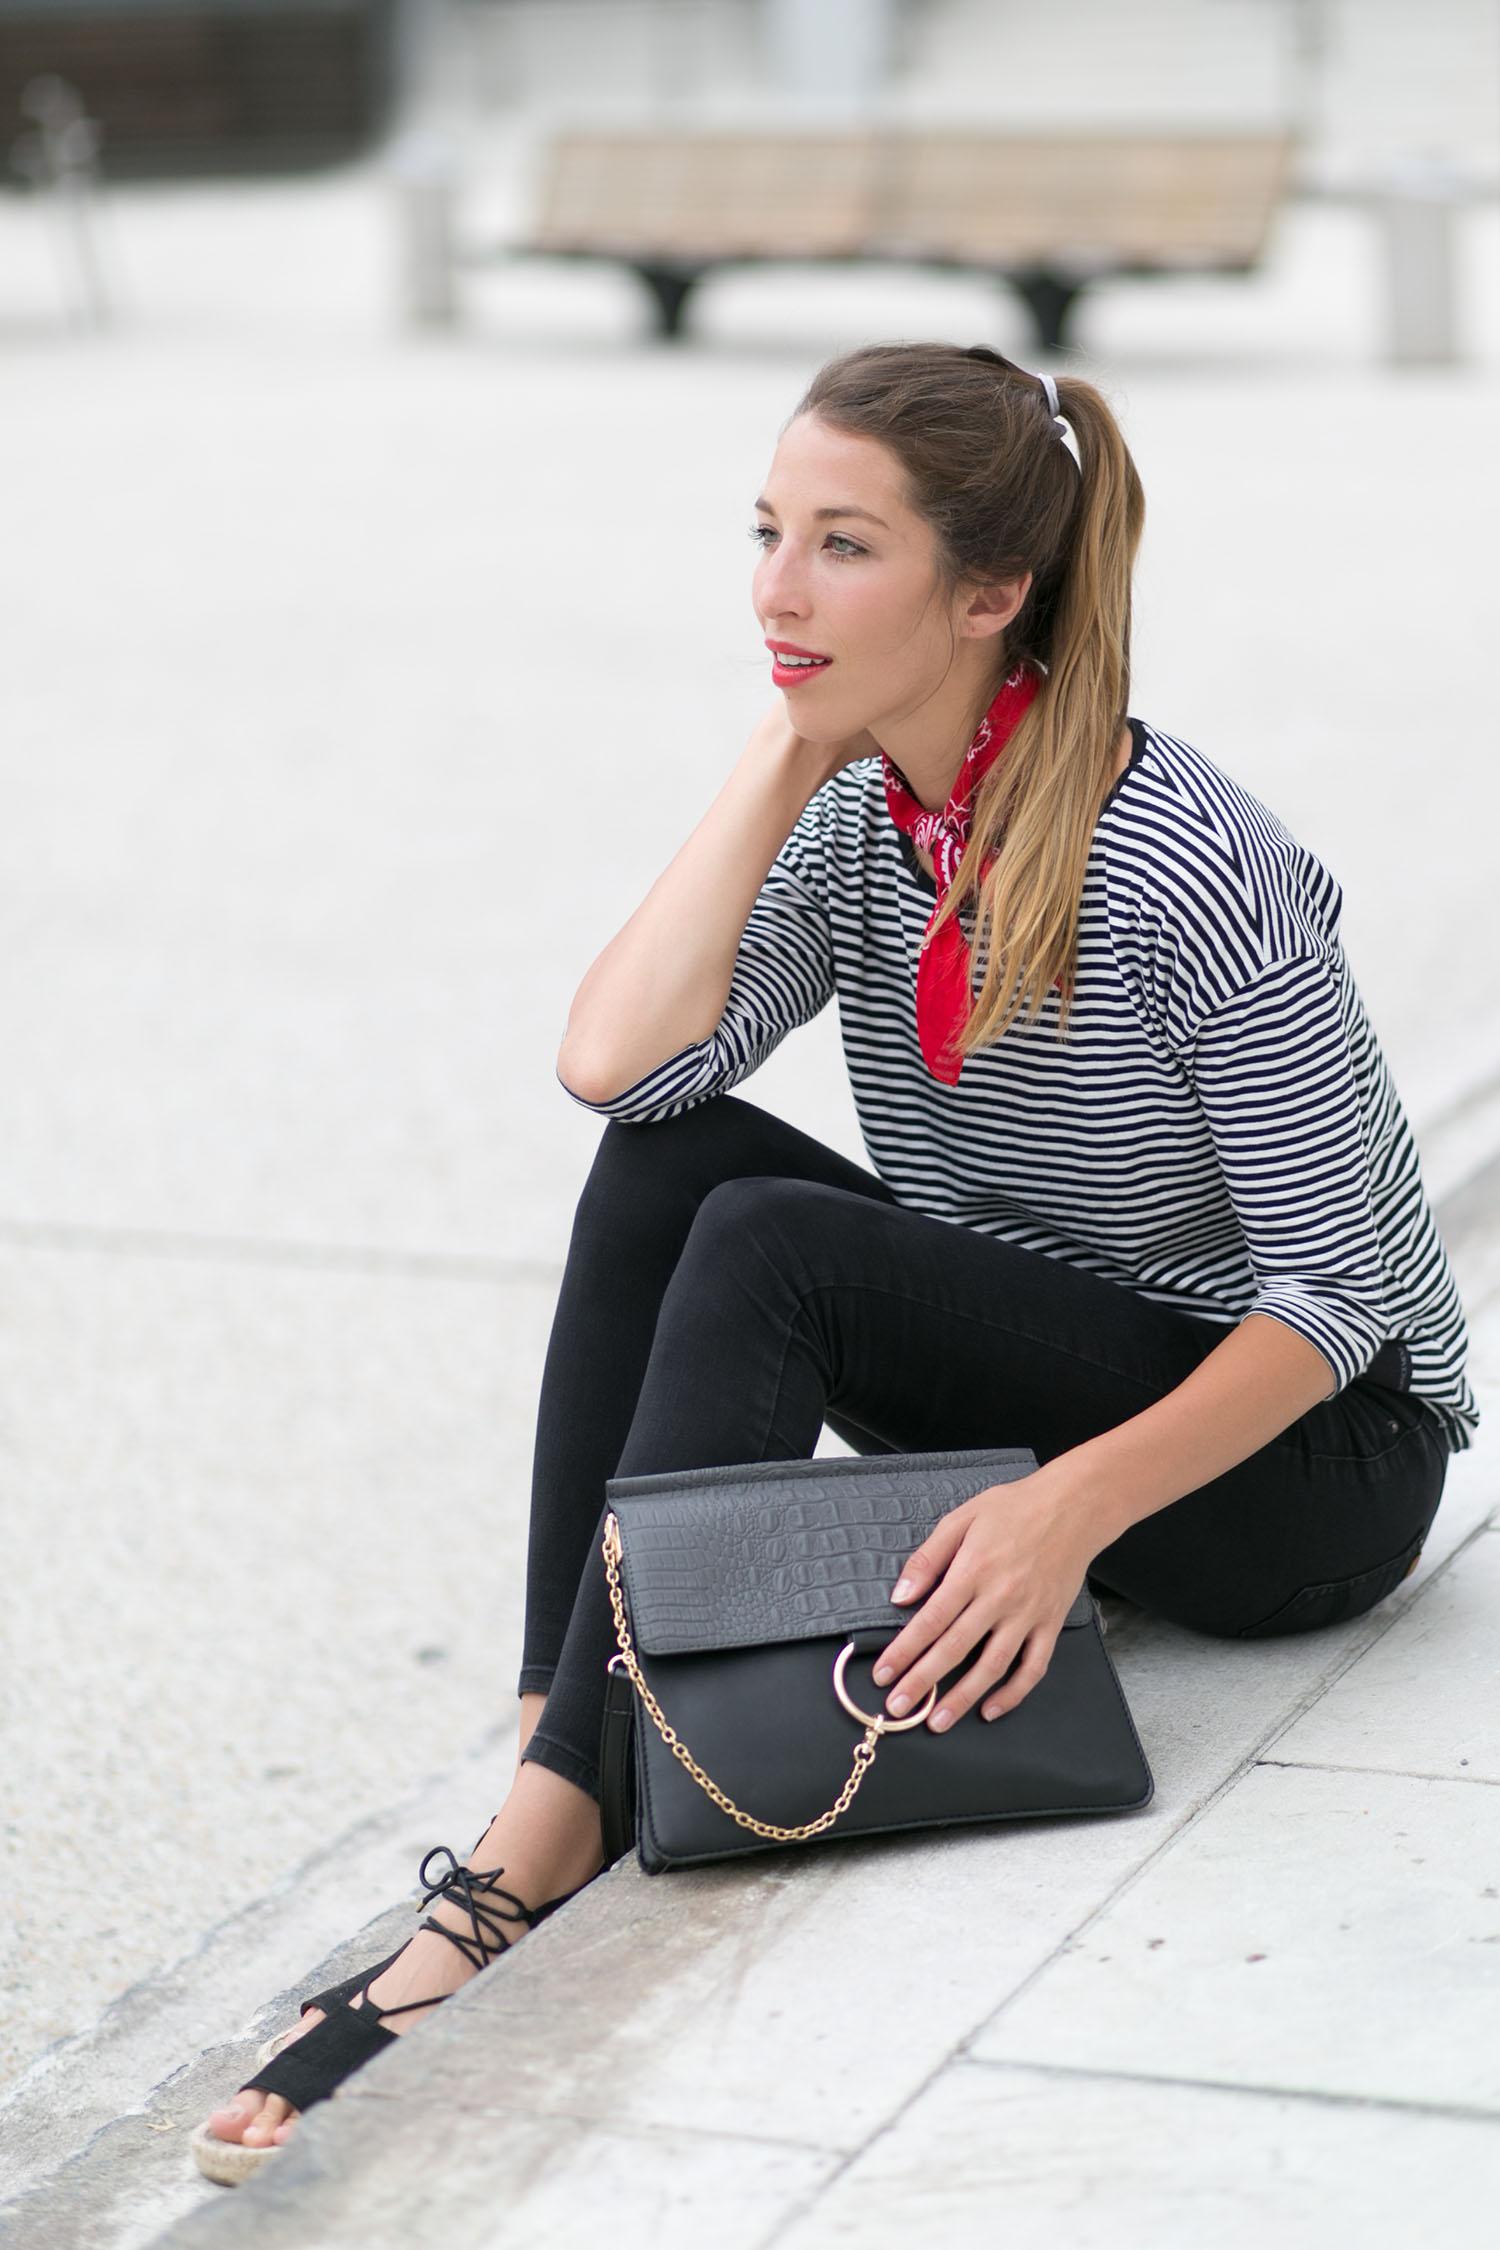 liebreizend-fashionblog-tirol-modeblog-oesterreich-bandana-streifen-shirt5